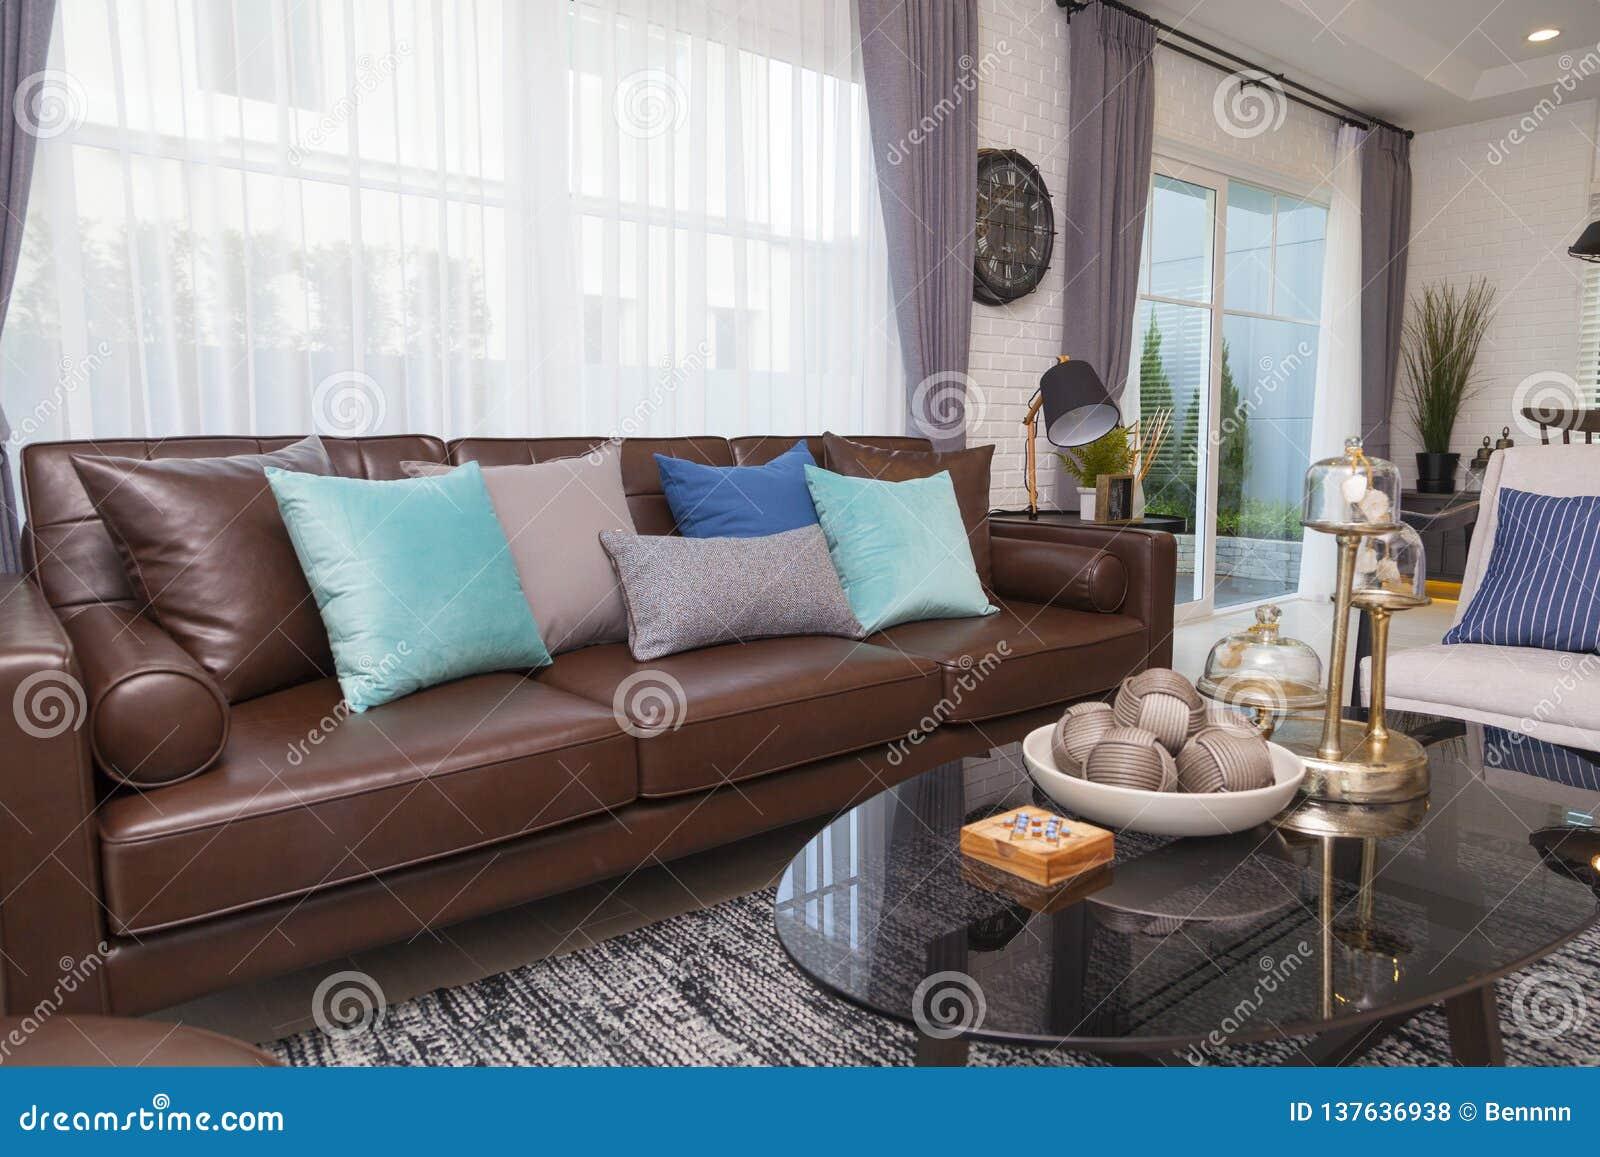 Oreillers Bleus Et Gris Sur Le Sofa En Cuir Dans Le Salon ...